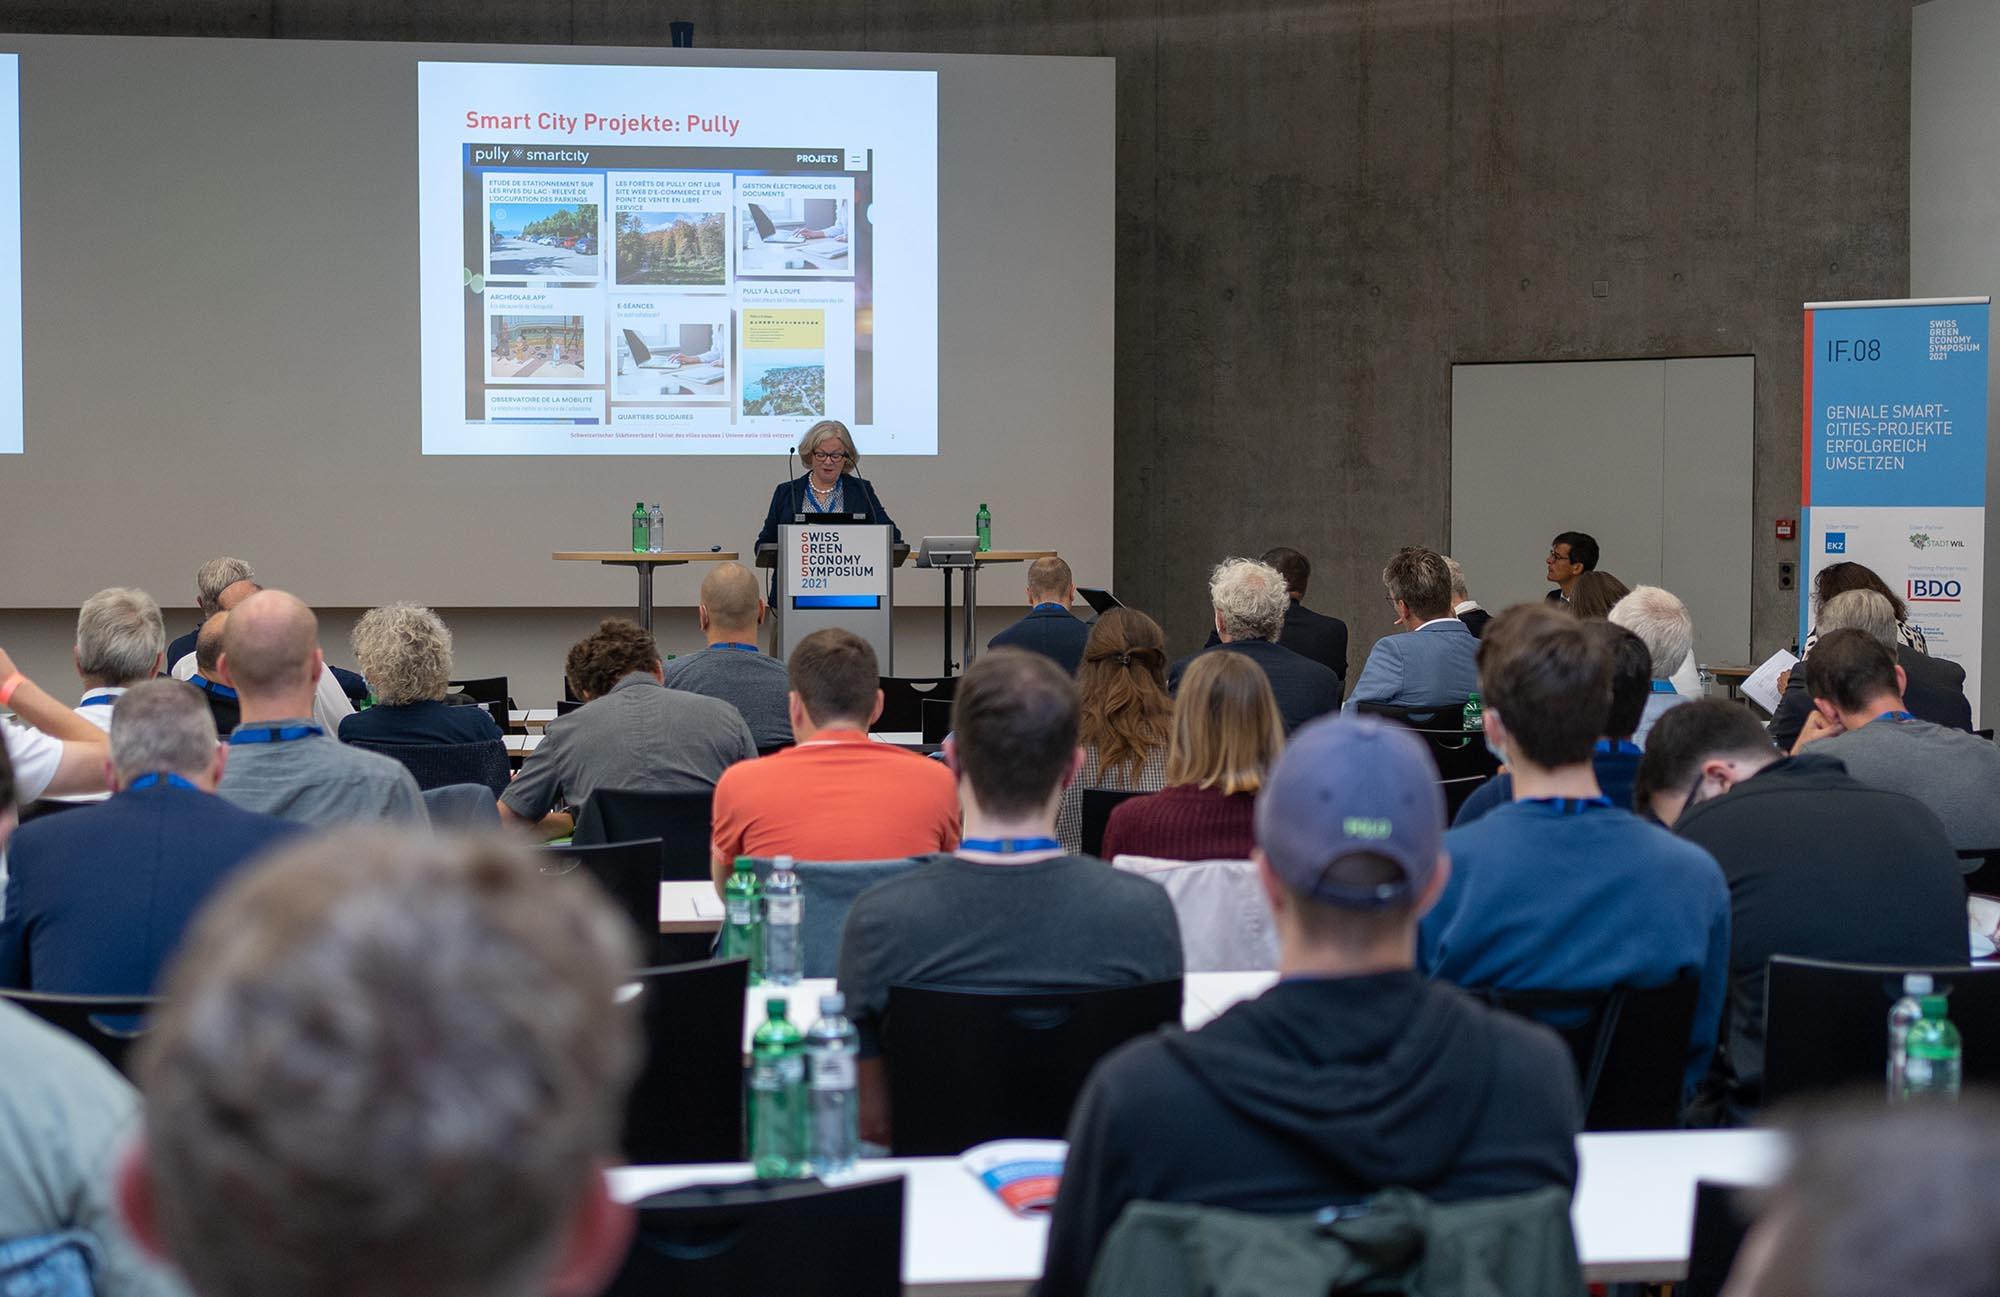 IF.08 Teil 2 Keynote: Renate Amstutz, Direktorin Schweizerischer Städteverband